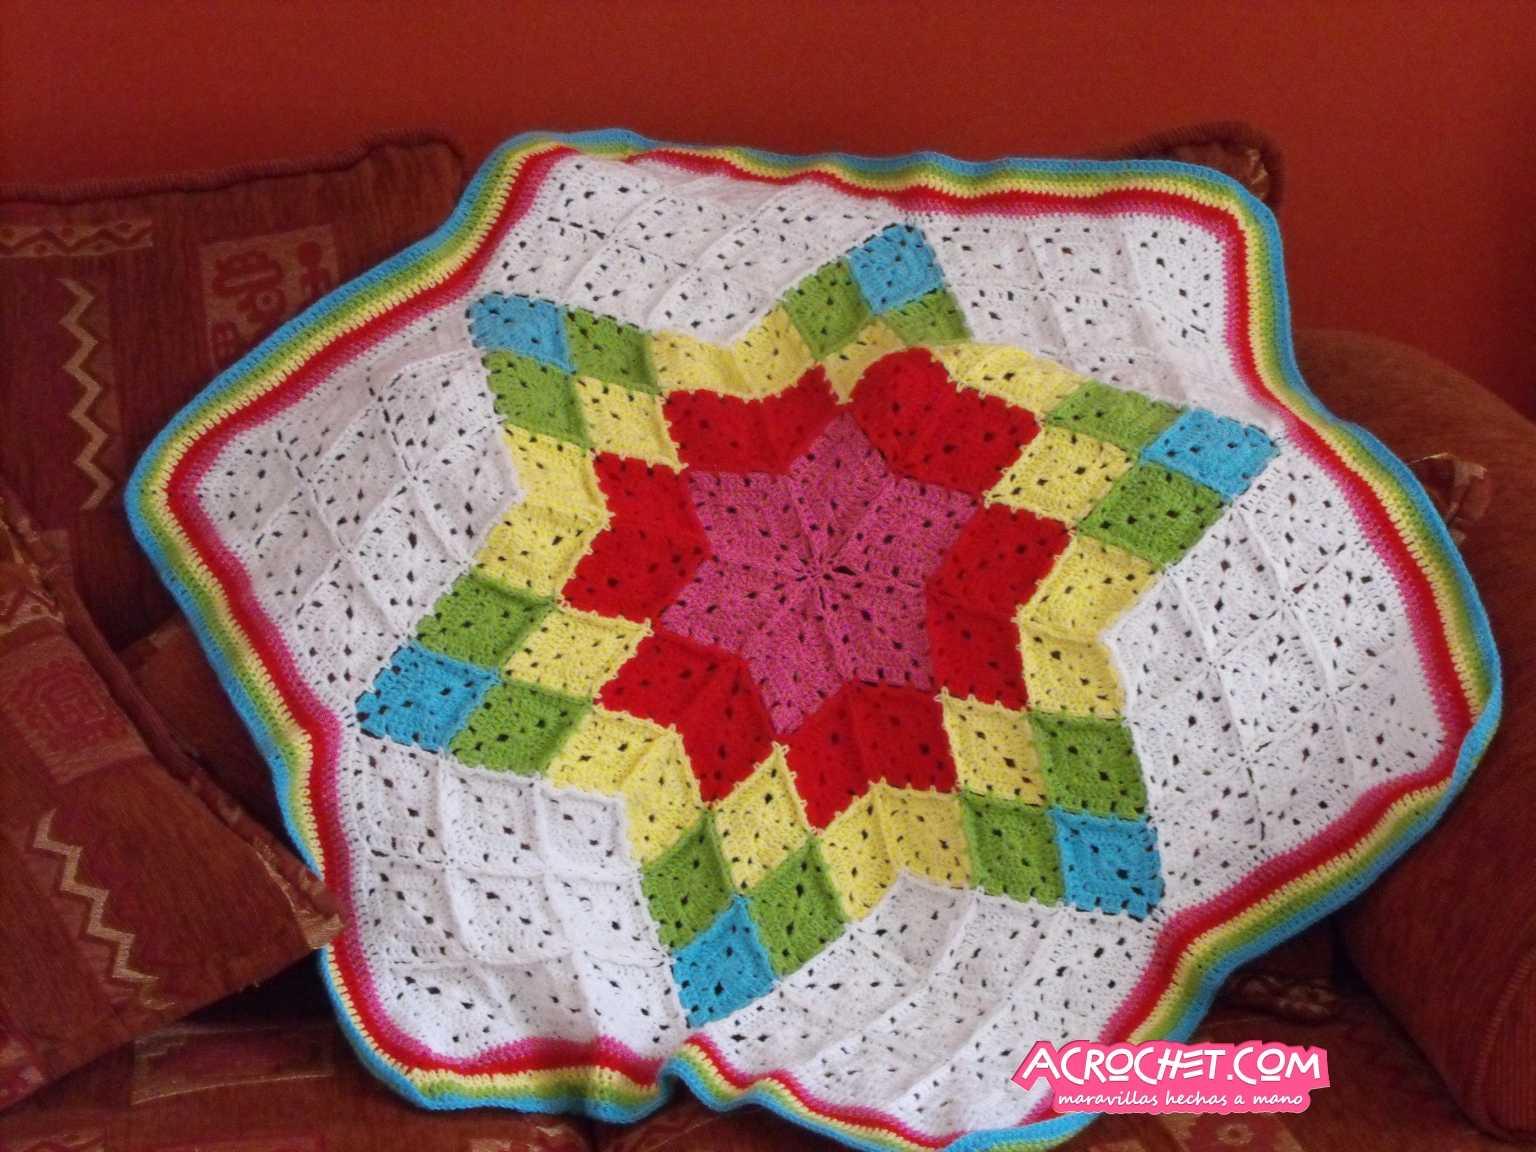 Manta hexagonal con rombos Parte 1 | Blog a Crochet - ACrochet